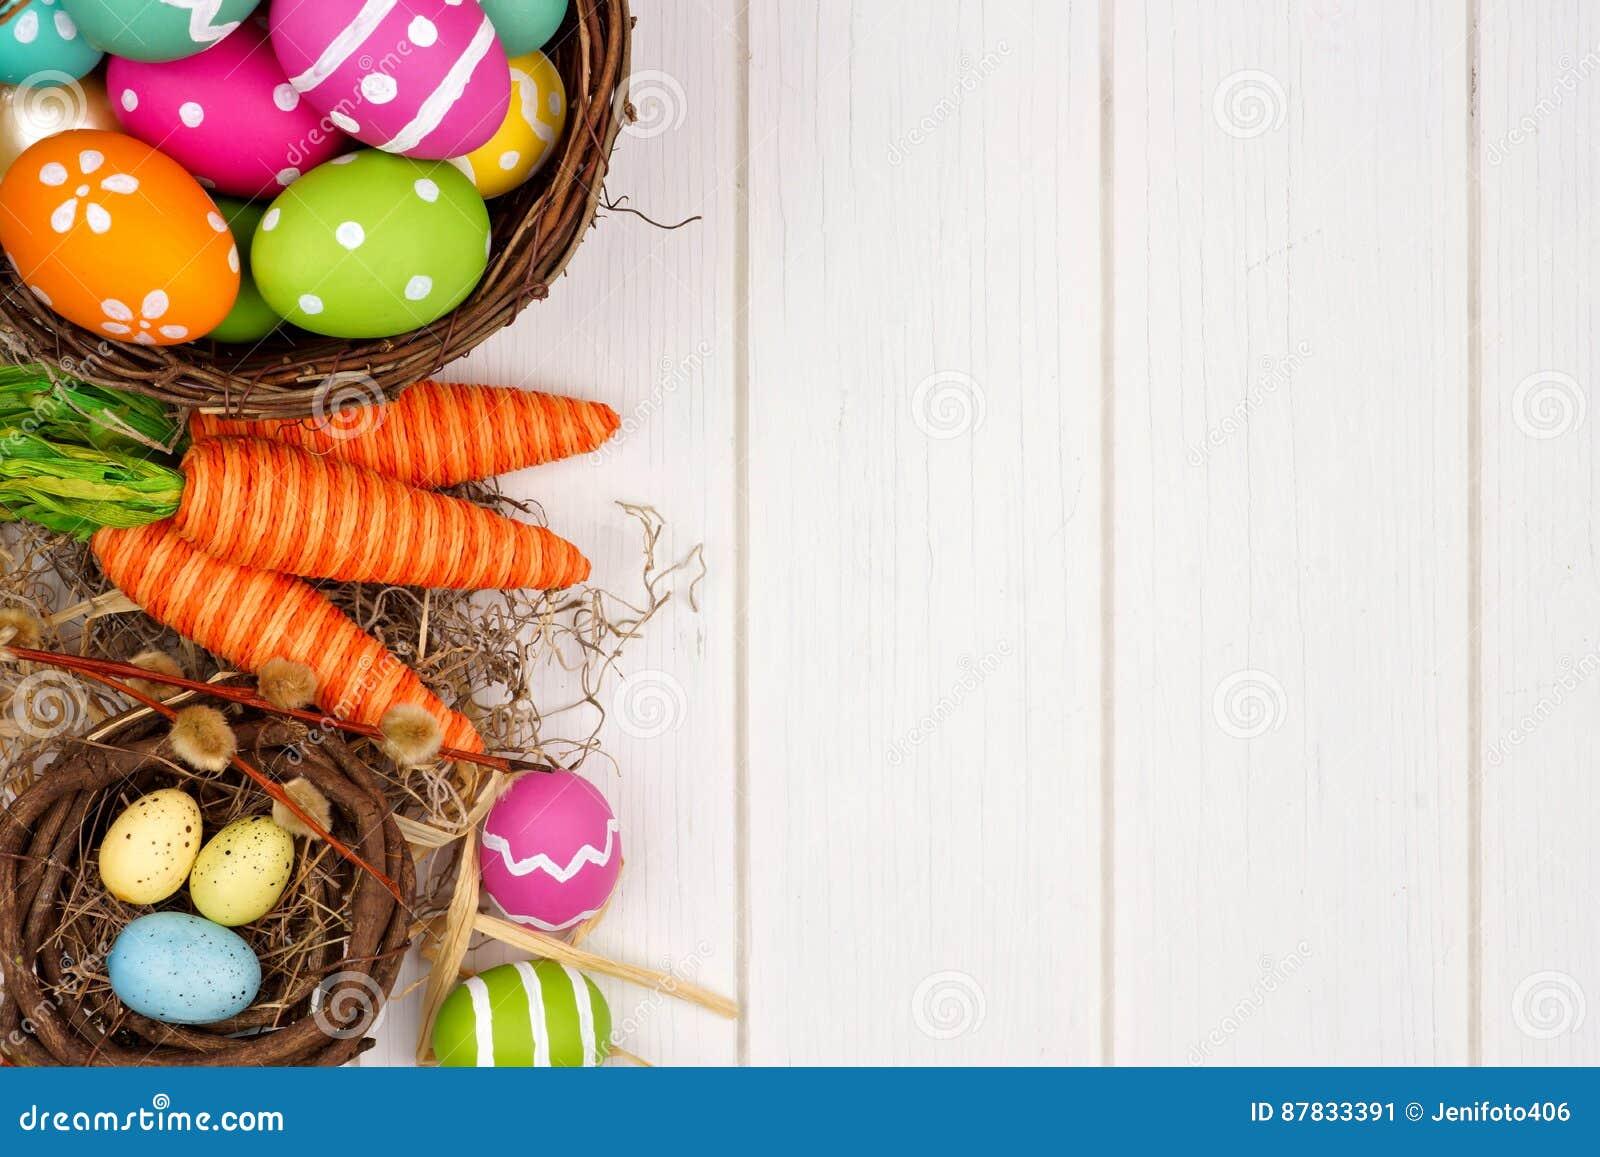 Frontera del lado de la decoración de Pascua o de la primavera sobre la madera blanca